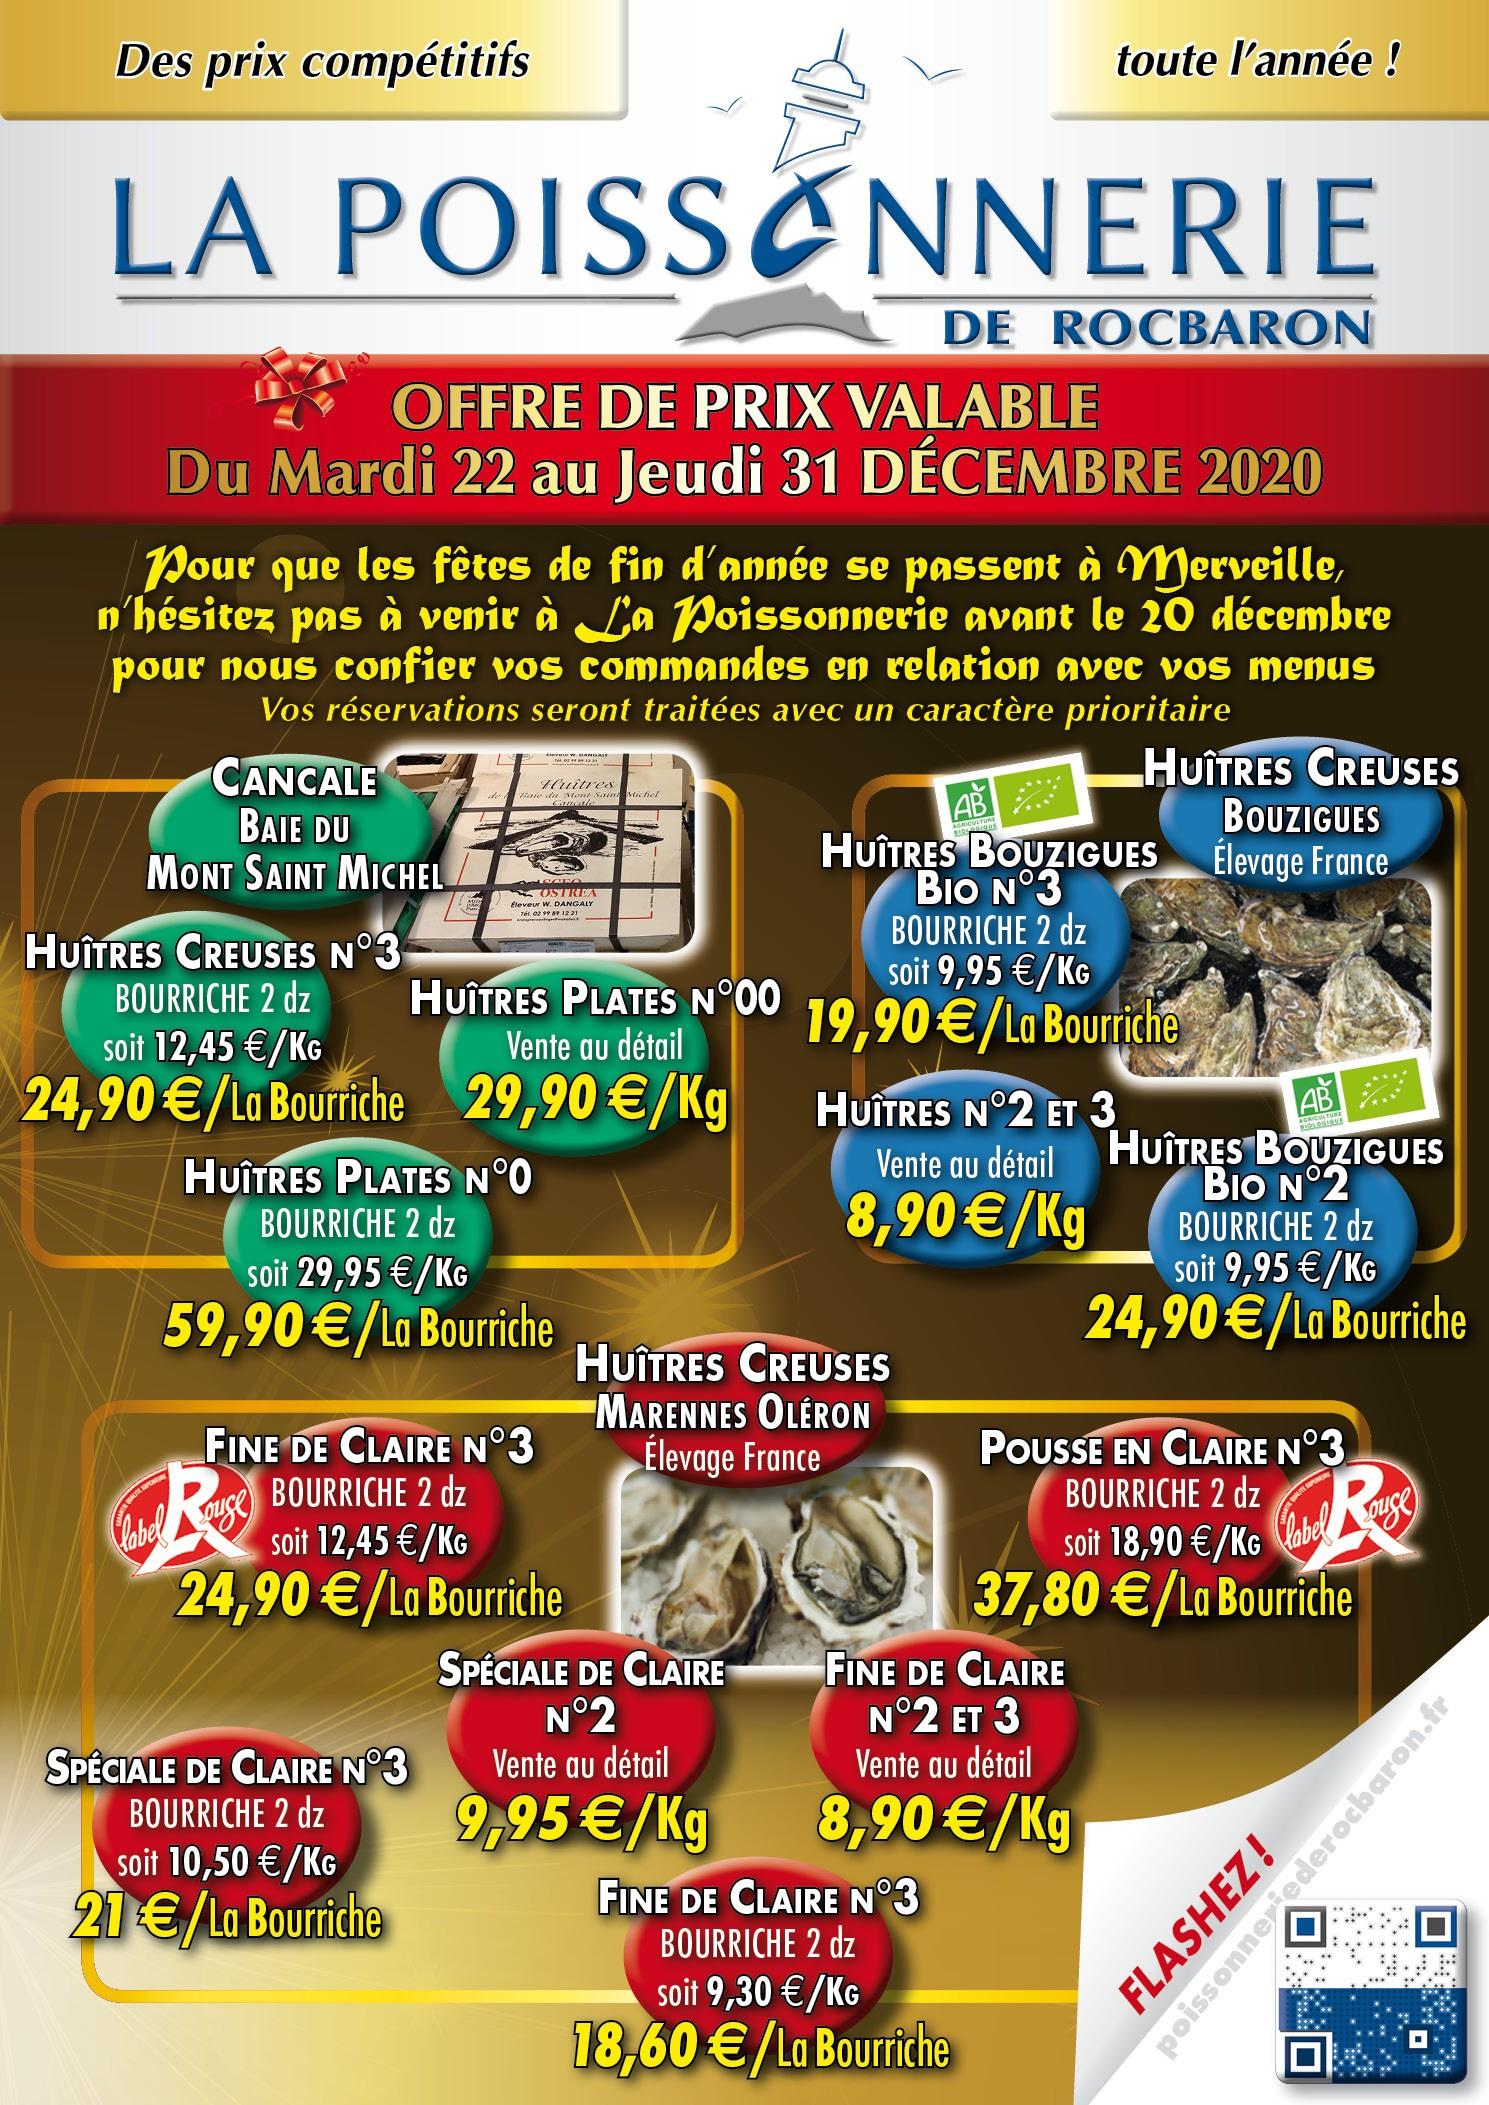 2020 Promotions de Noël La Poissonnerie de Rocbaron 1